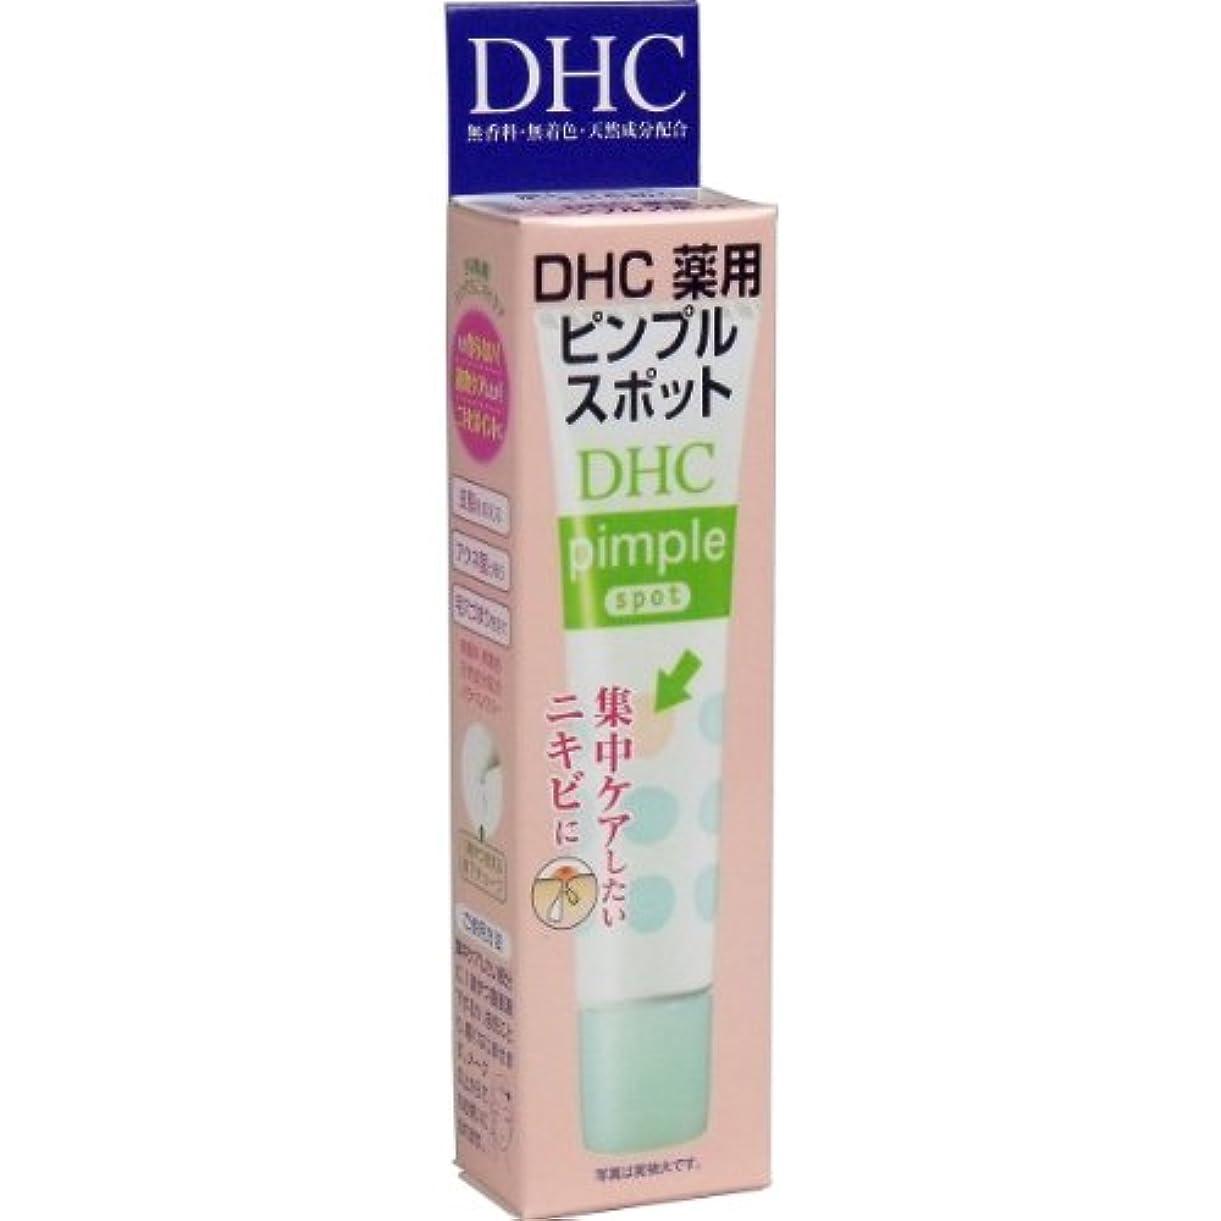 打倒通常微弱【DHC】DHC 薬用ピンプルスポット 15ml ×10個セット